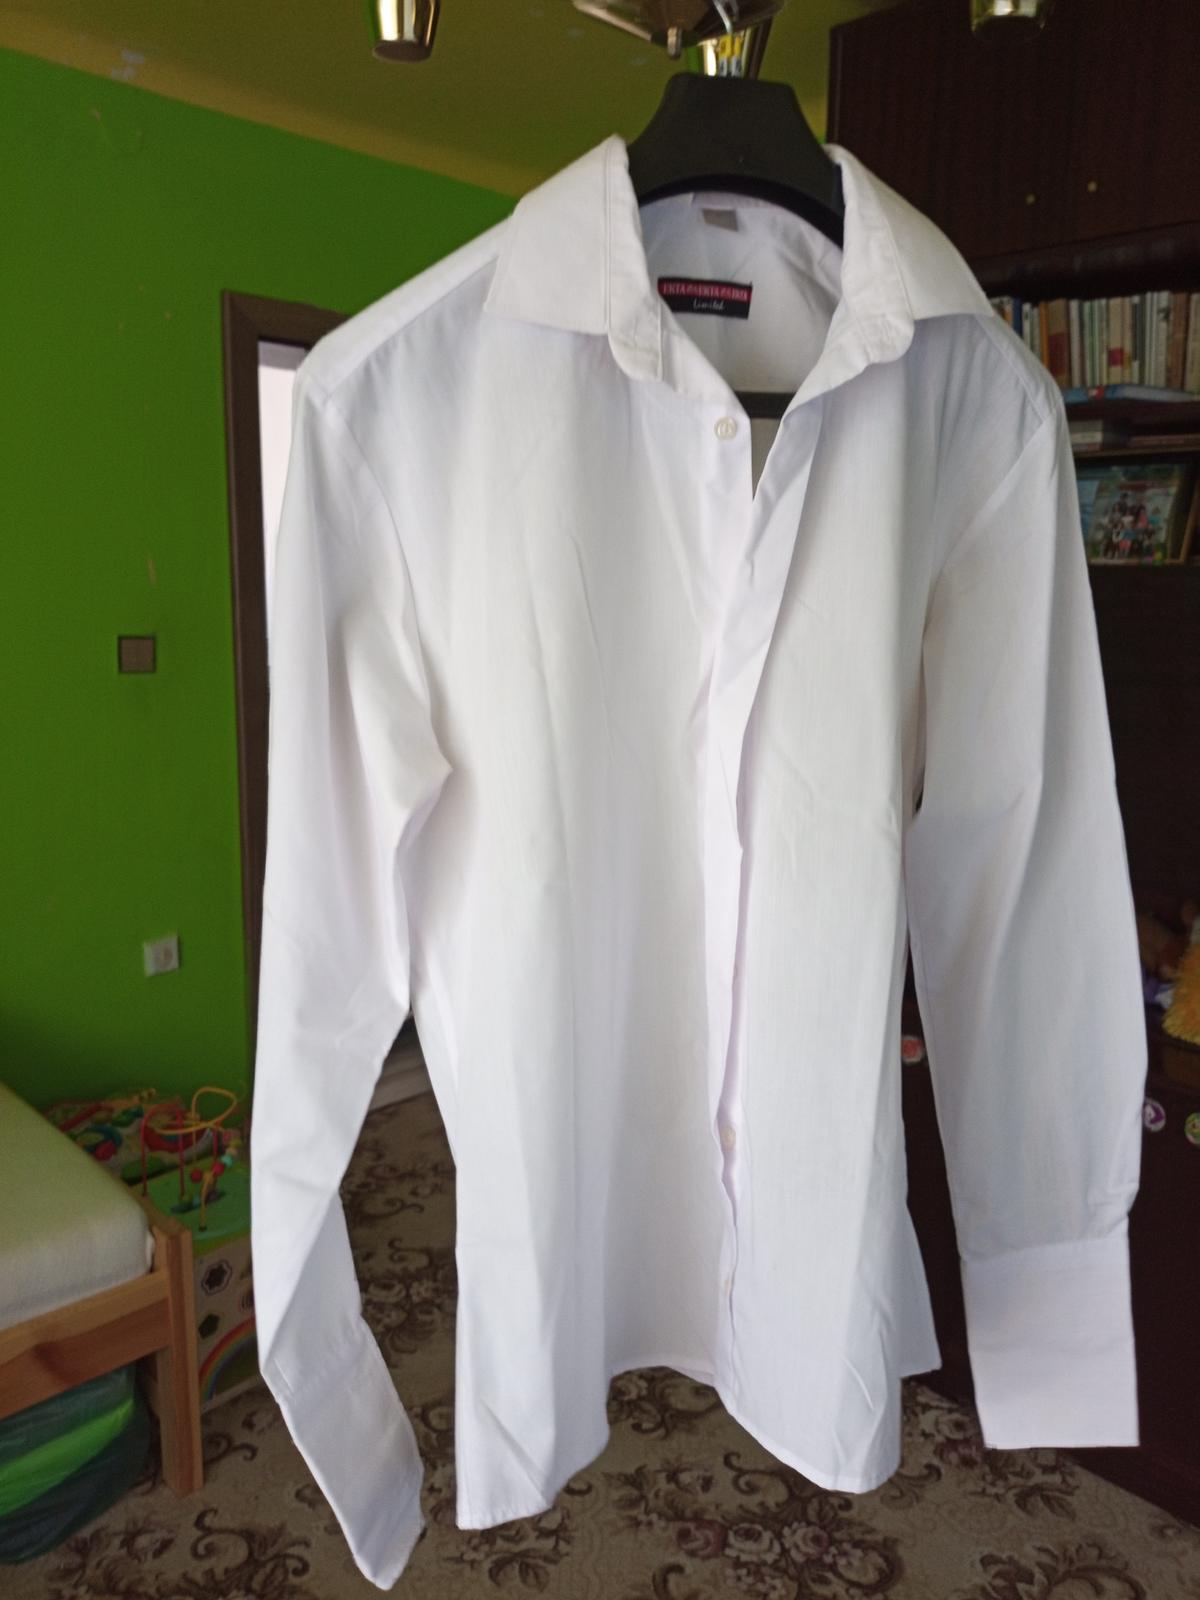 Biela košeľa - Obrázok č. 1